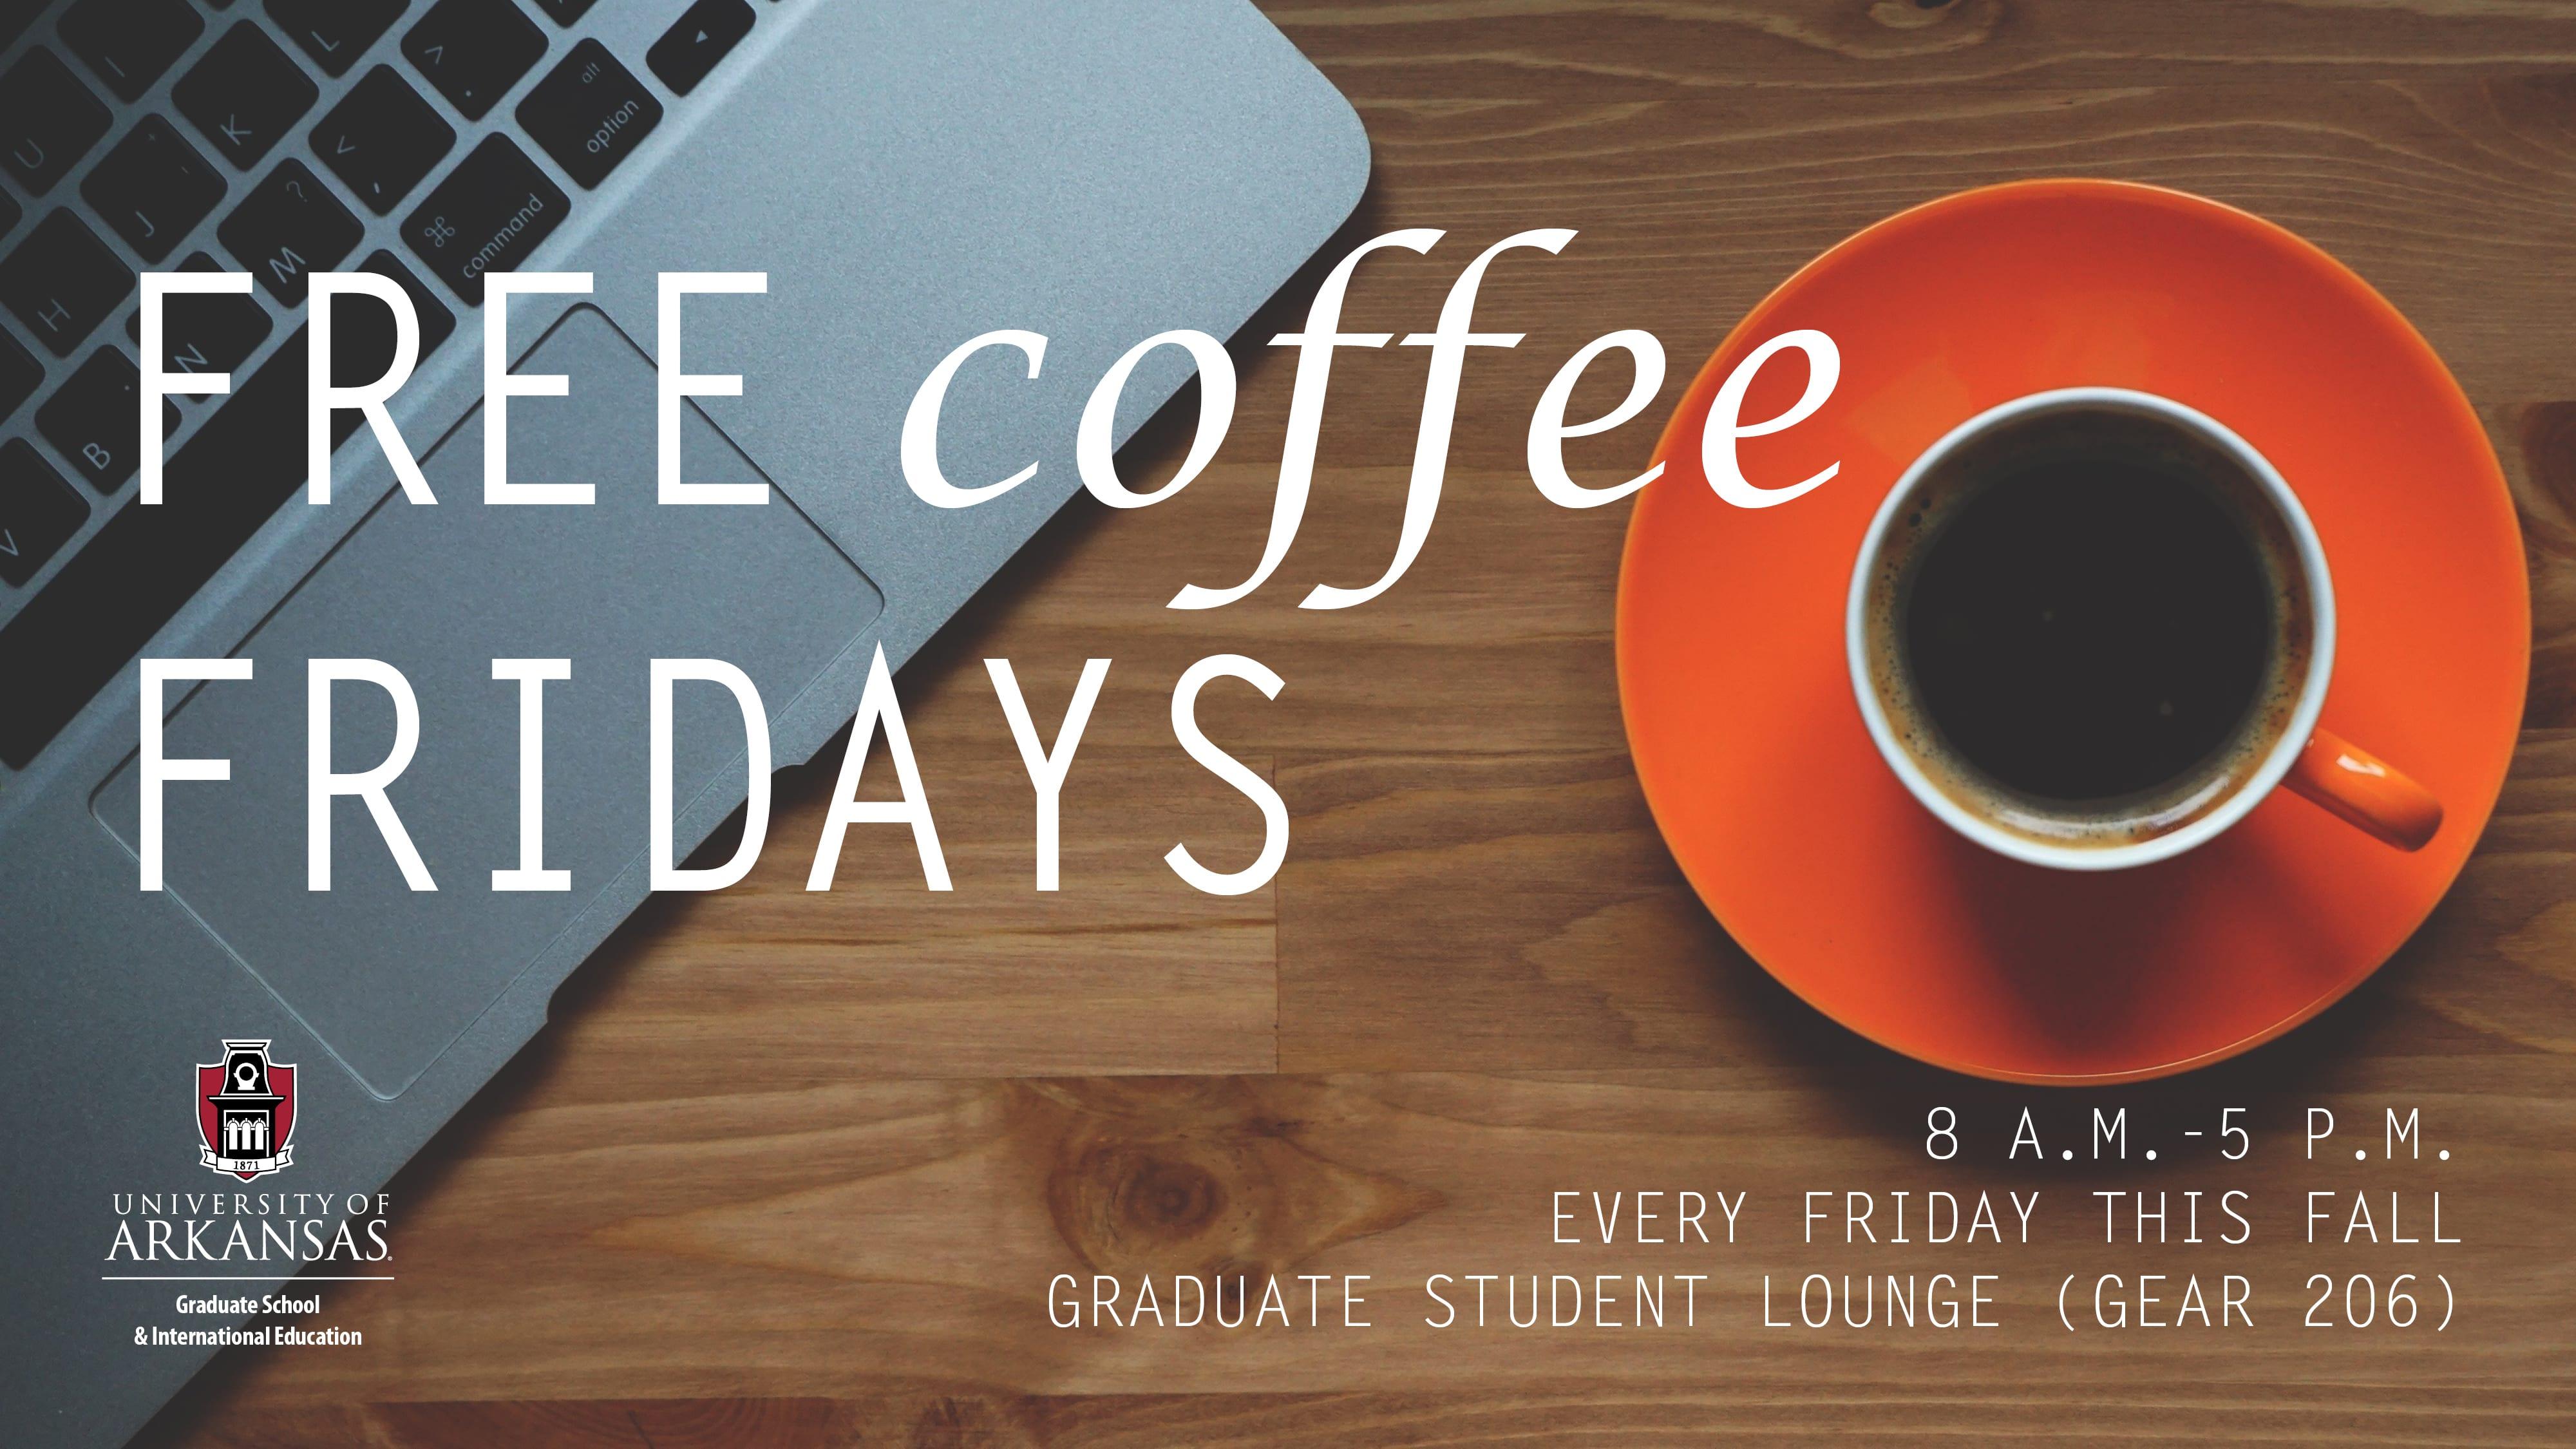 free-coffee-fridays-yps4q9